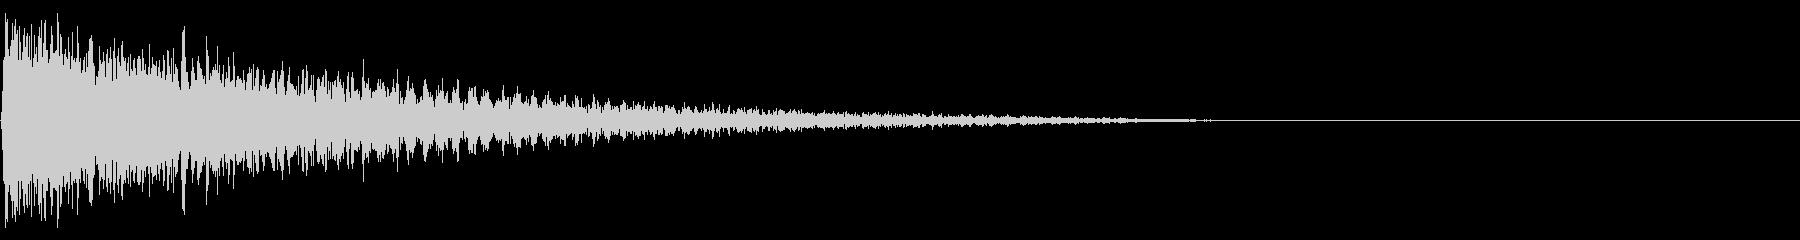 ガーン(がっかり、ショック)04の未再生の波形